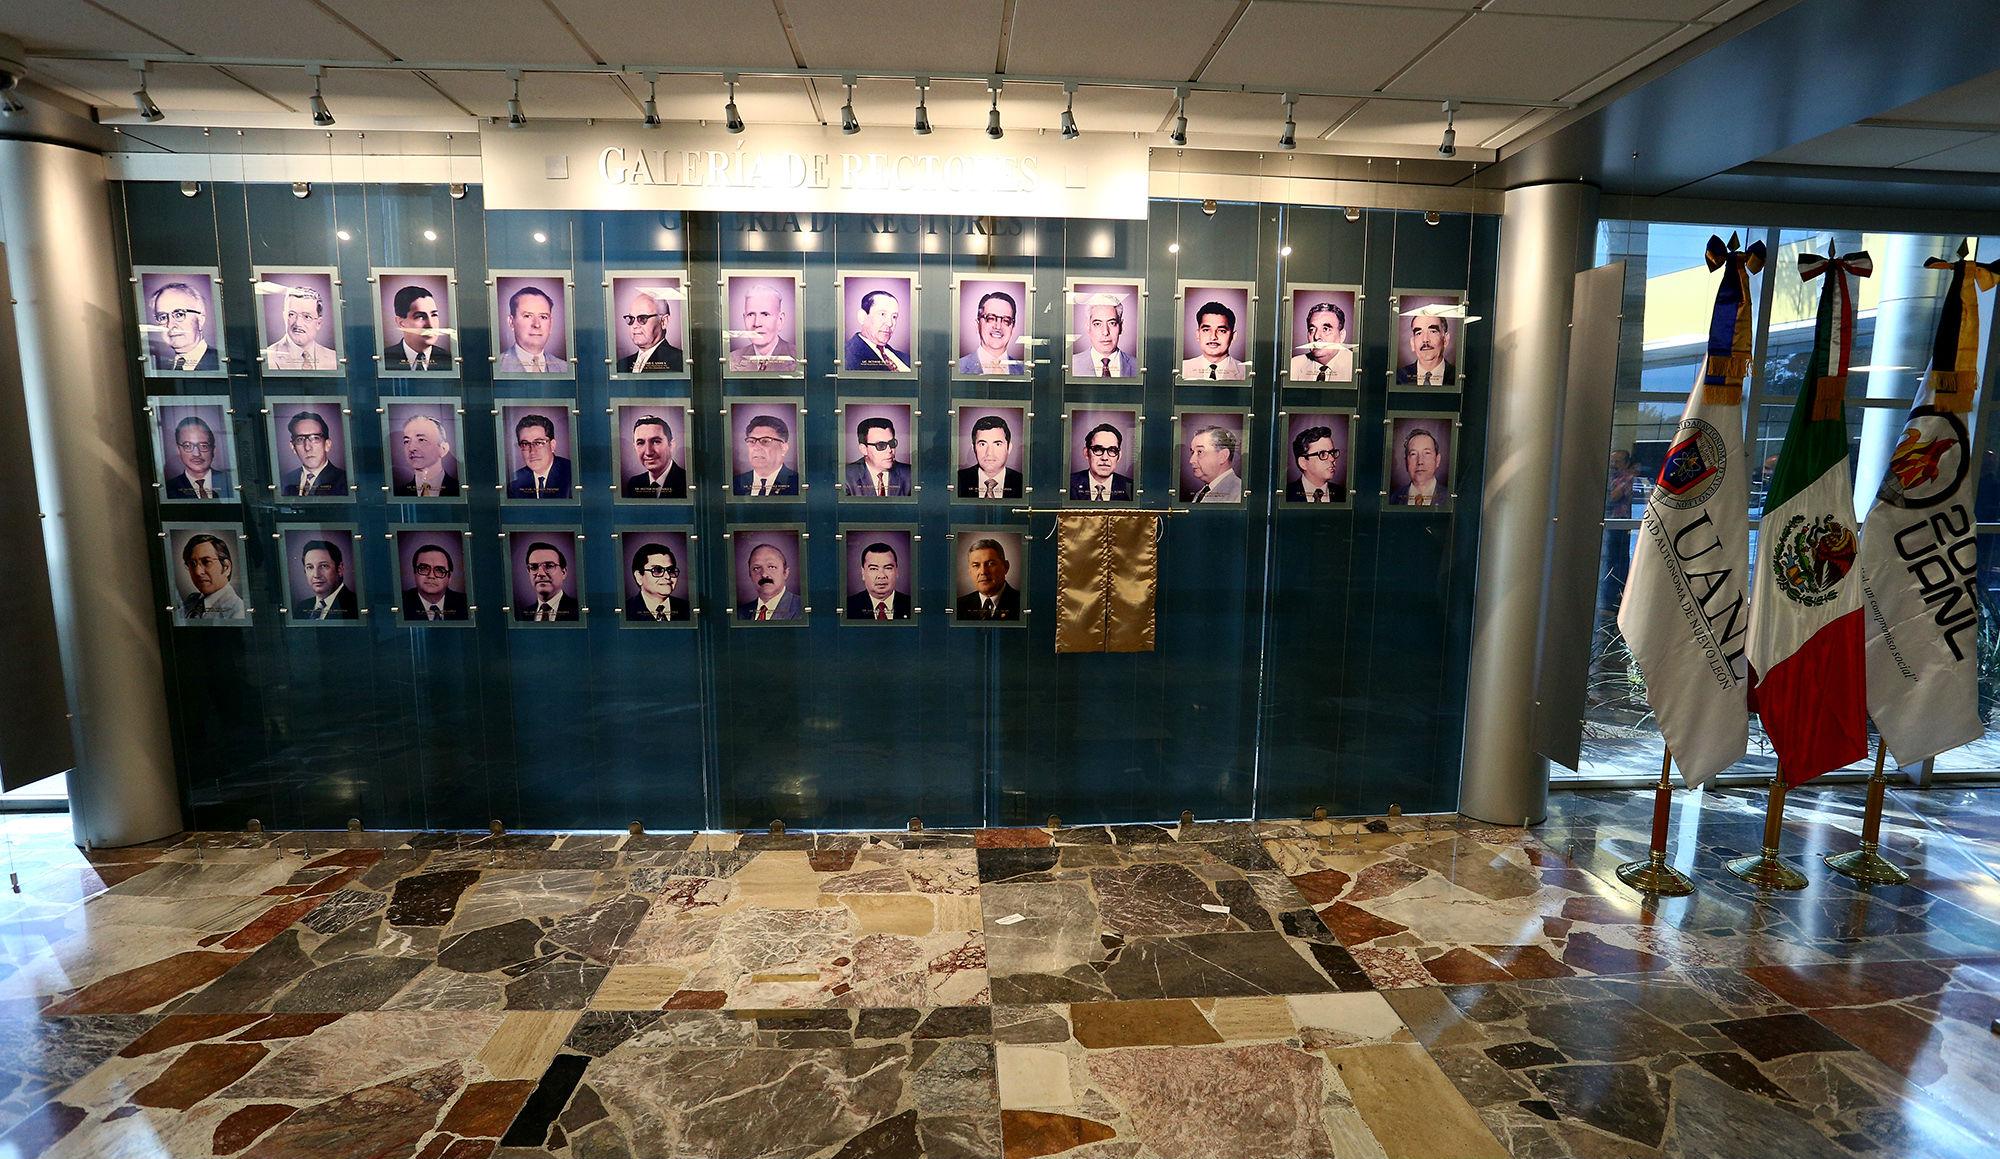 La Galería de Rectores se encuentra en el vestíbulo de la Torre de Rectoría